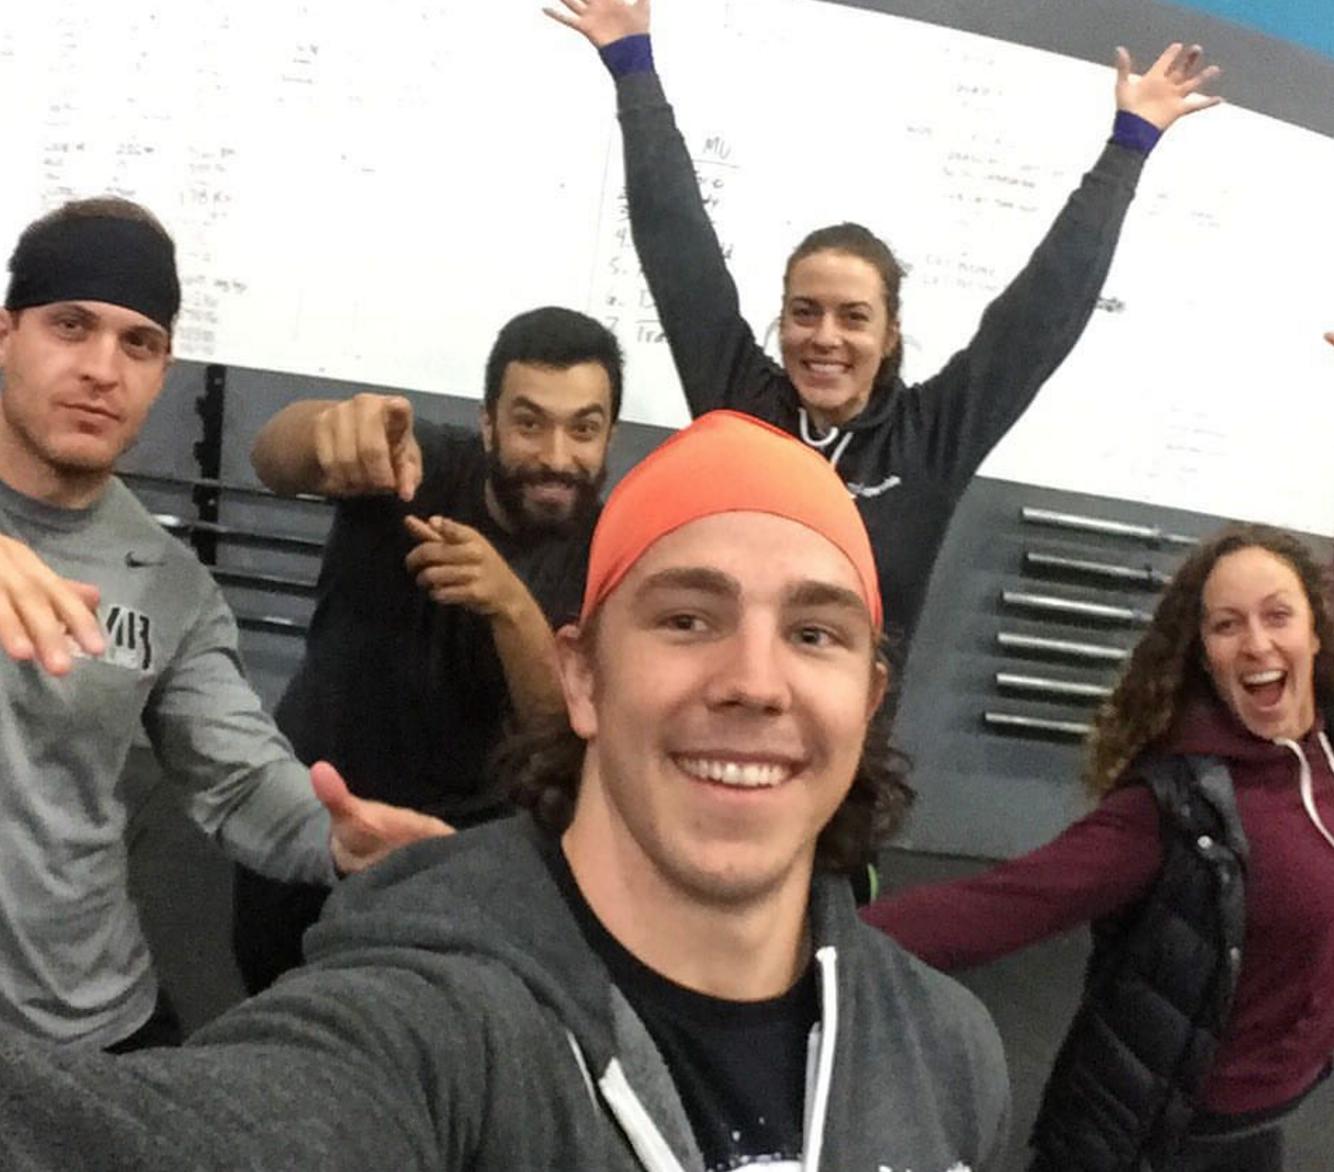 Last Class coached at CrossFit Potrero Hill, San Francisco.